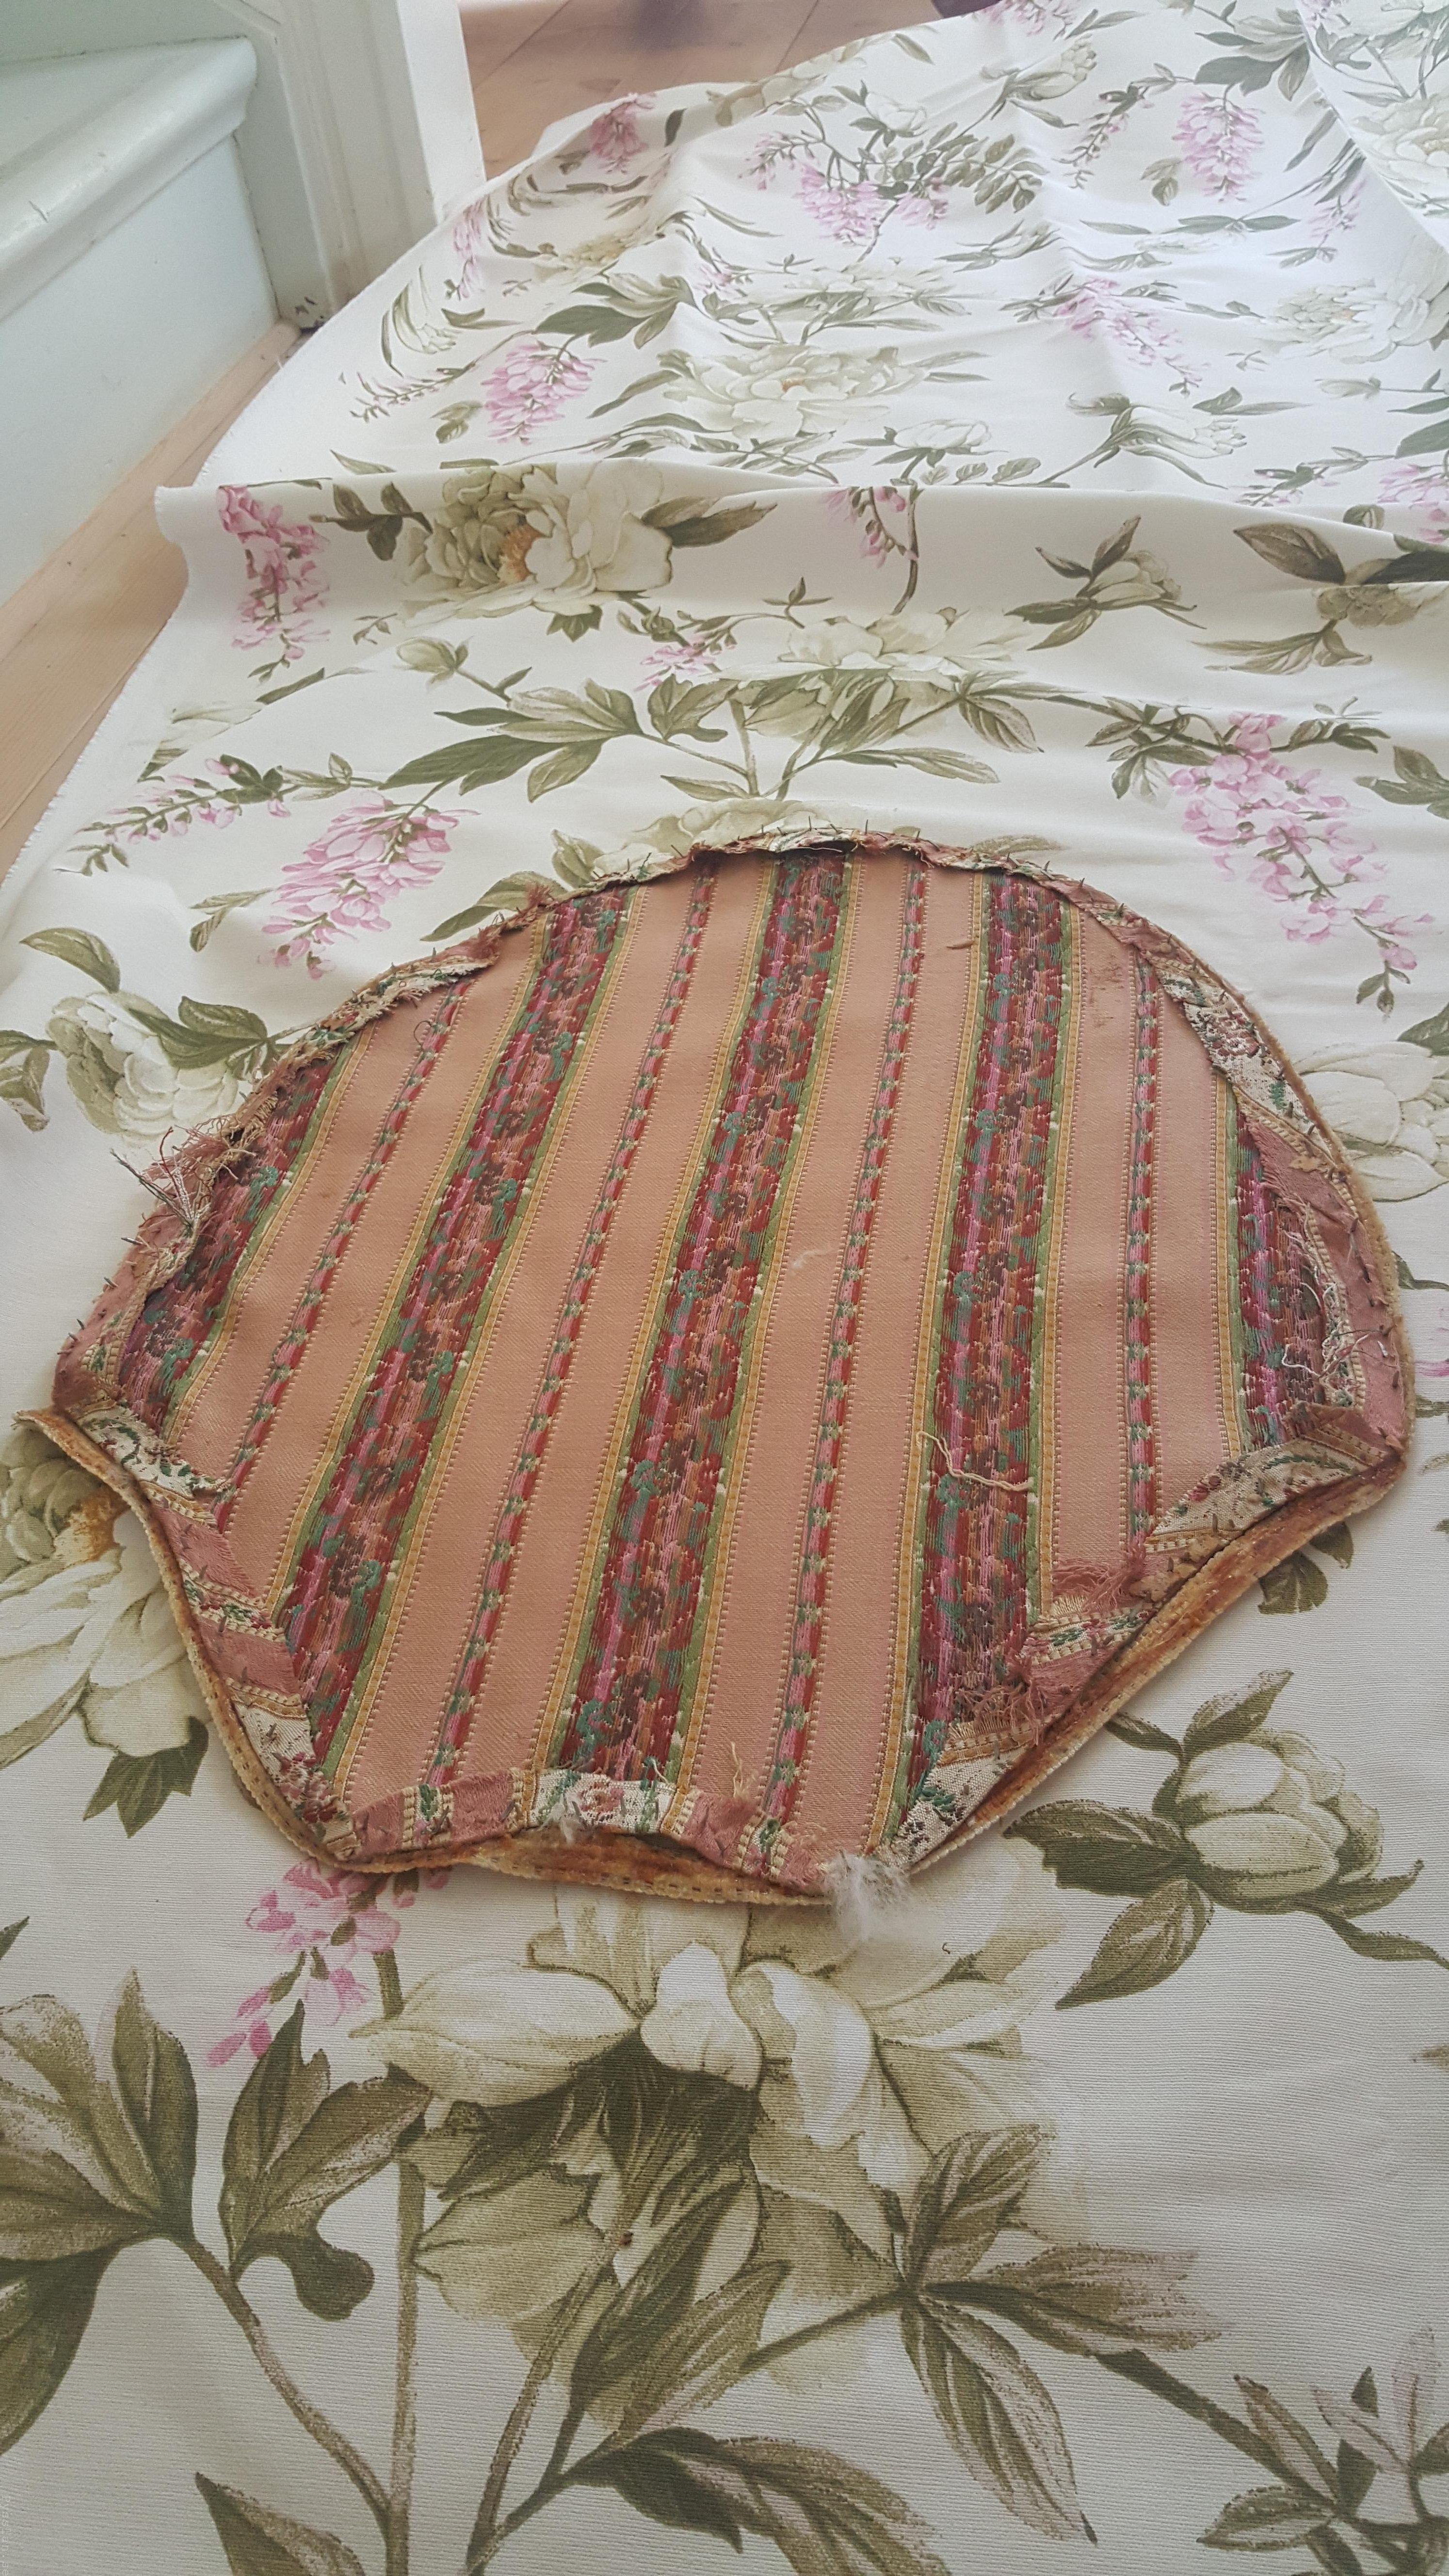 Klä om gammal stol, enklare än du tror rosa brun möbel sekelskiftet 20-tal villasmultronbacken pysslanblogg fibersoft rygg mall